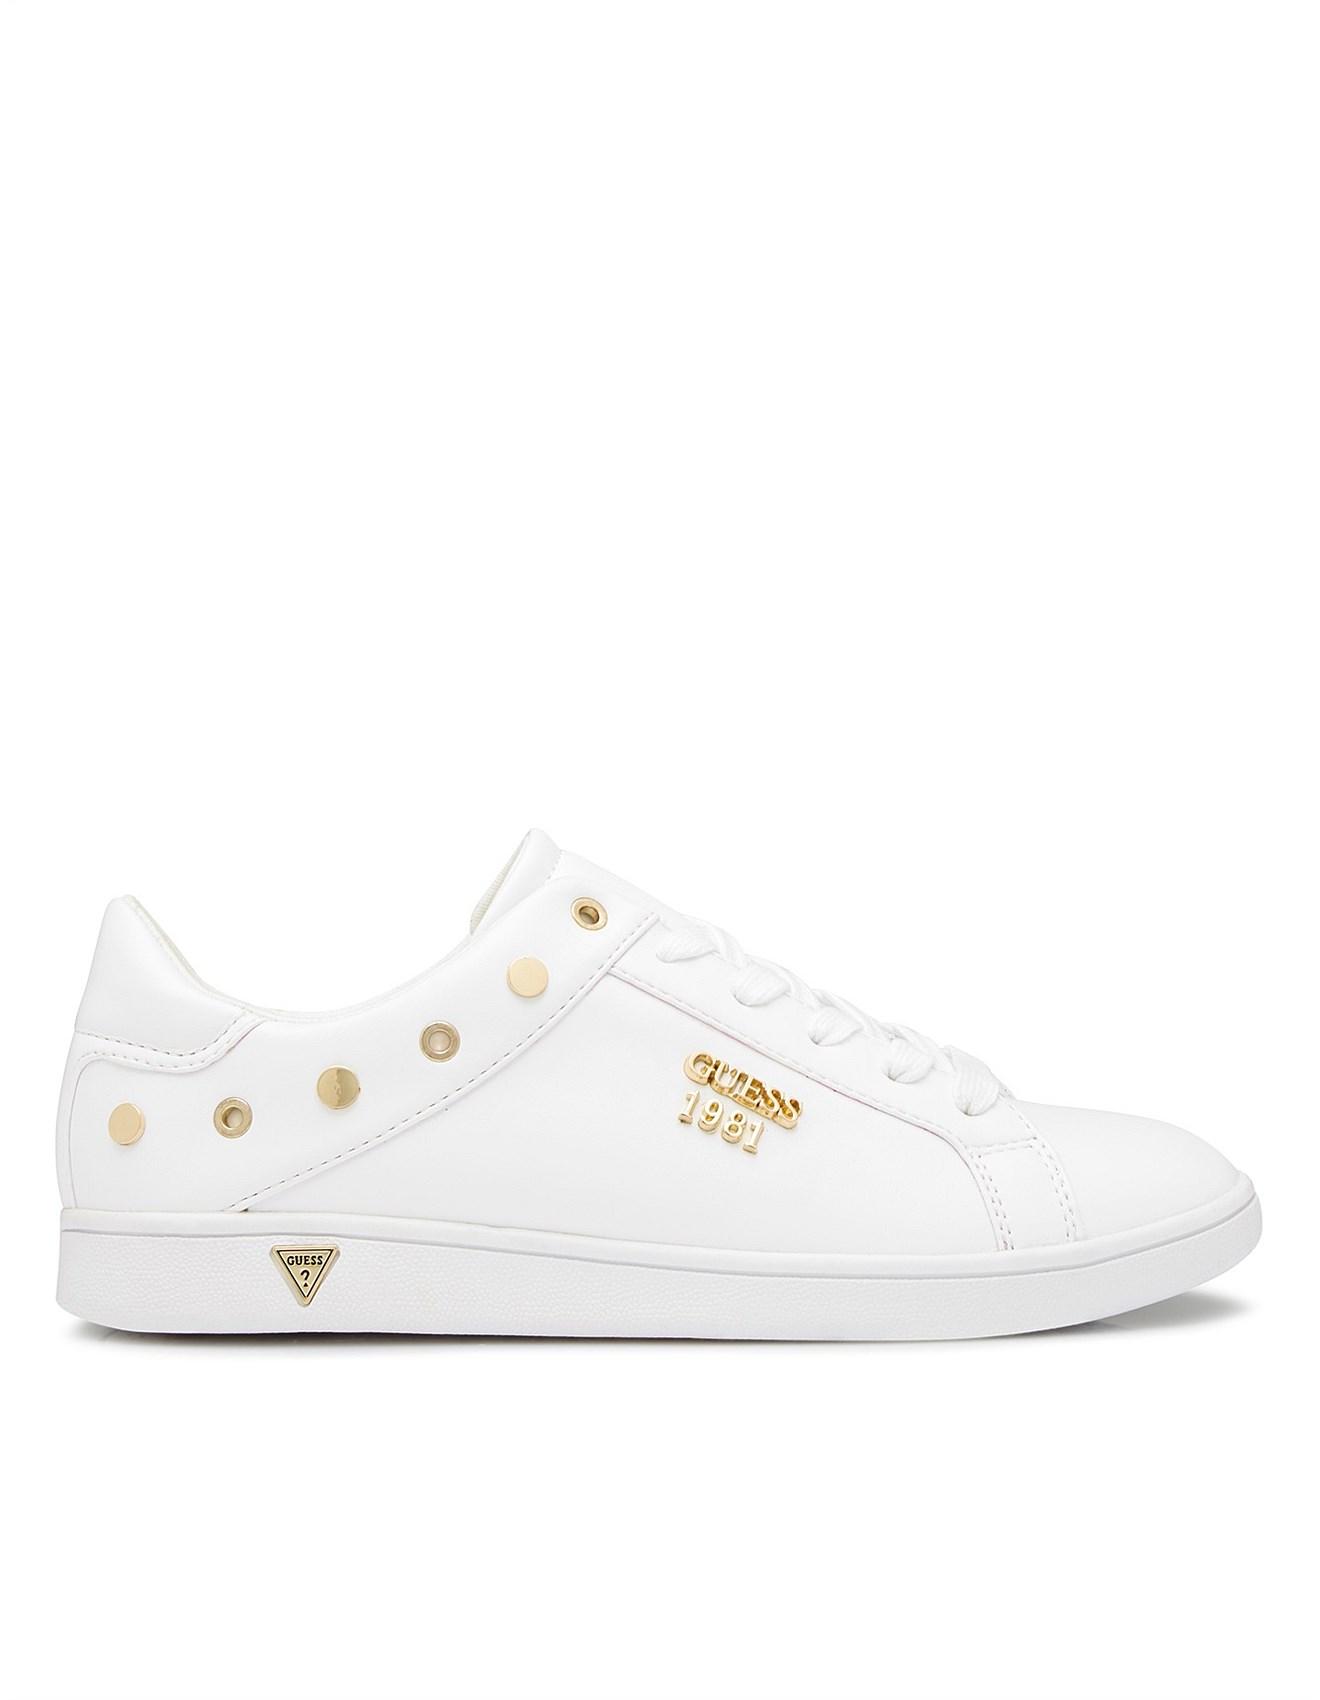 8b738945d6e5 Women s Sneakers Sale